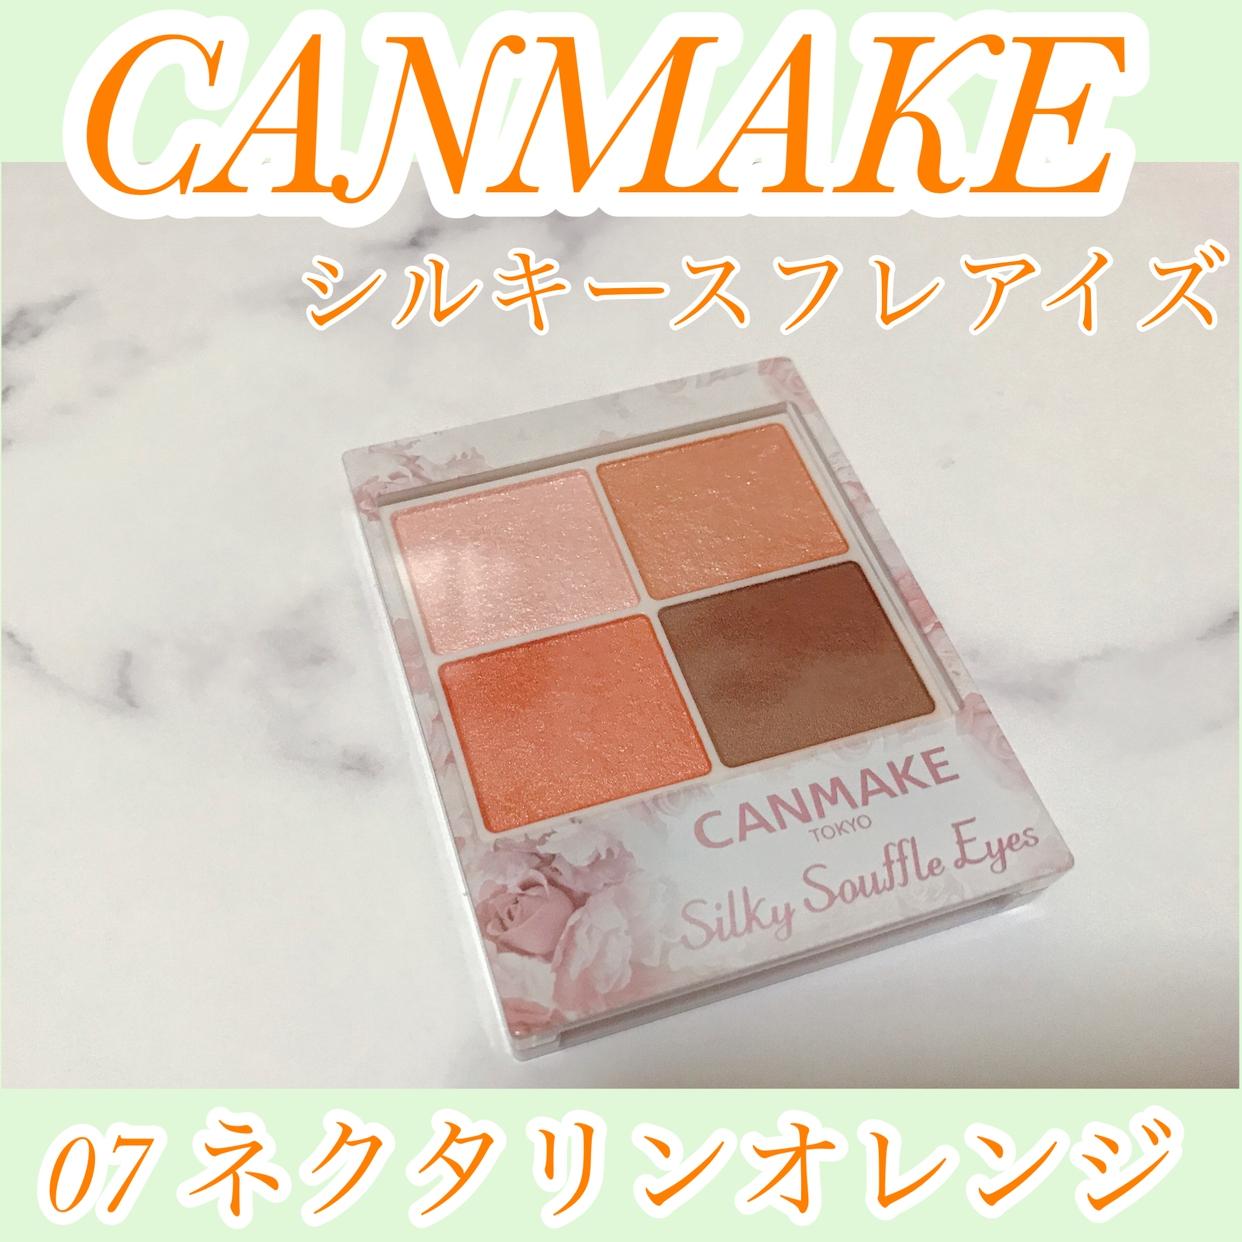 CANMAKE(キャンメイク)シルキースフレアイズを使ったMarukoさんのクチコミ画像